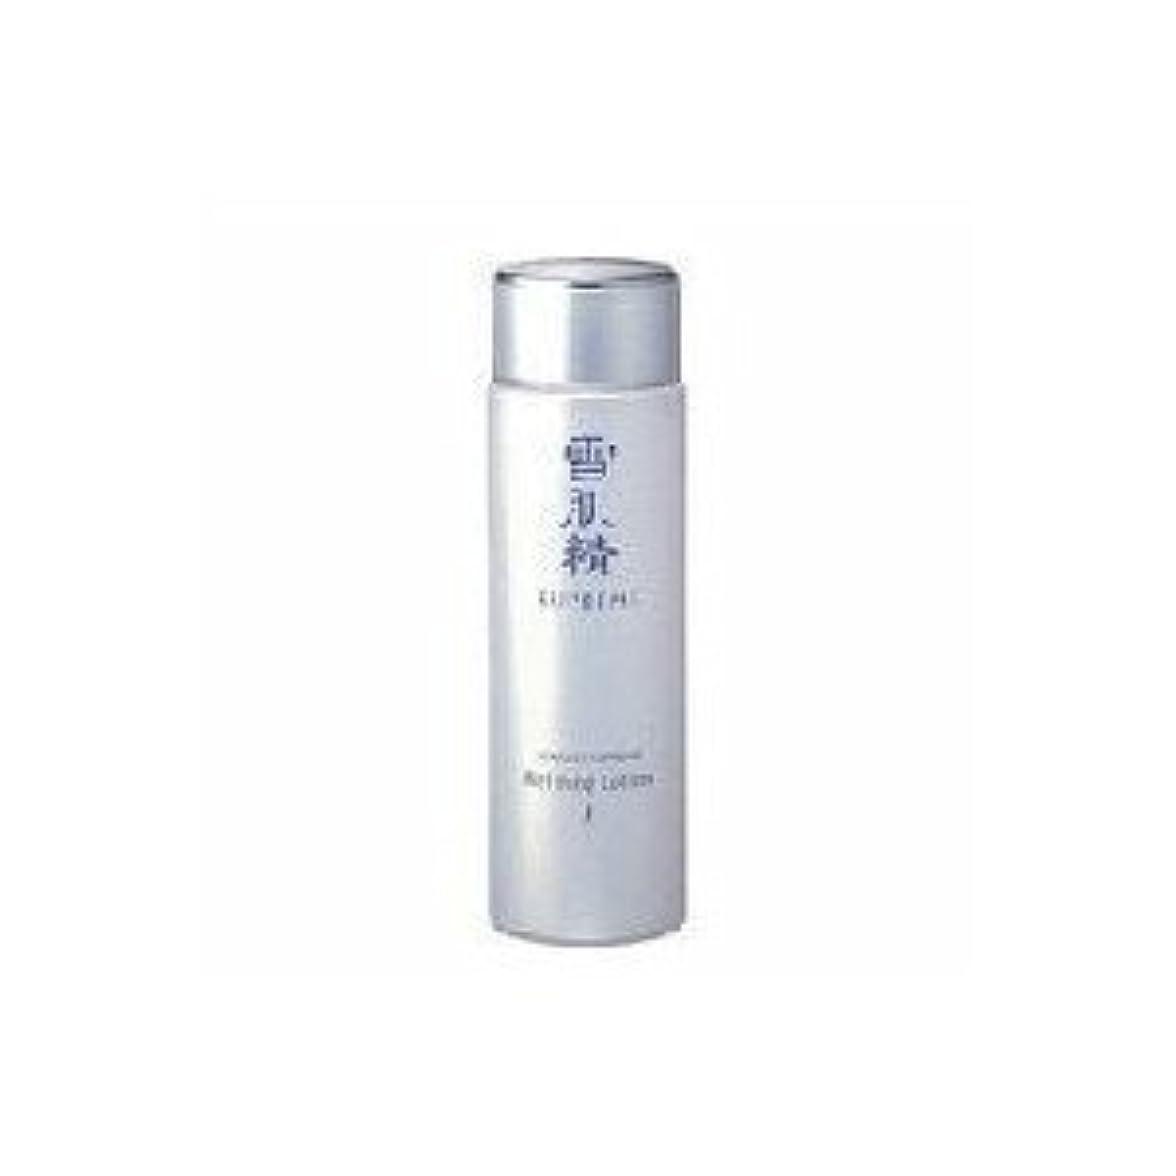 少数気を散らす勇敢な限定品 コーセー 雪肌精 シュープレム 化粧水 II 400ml